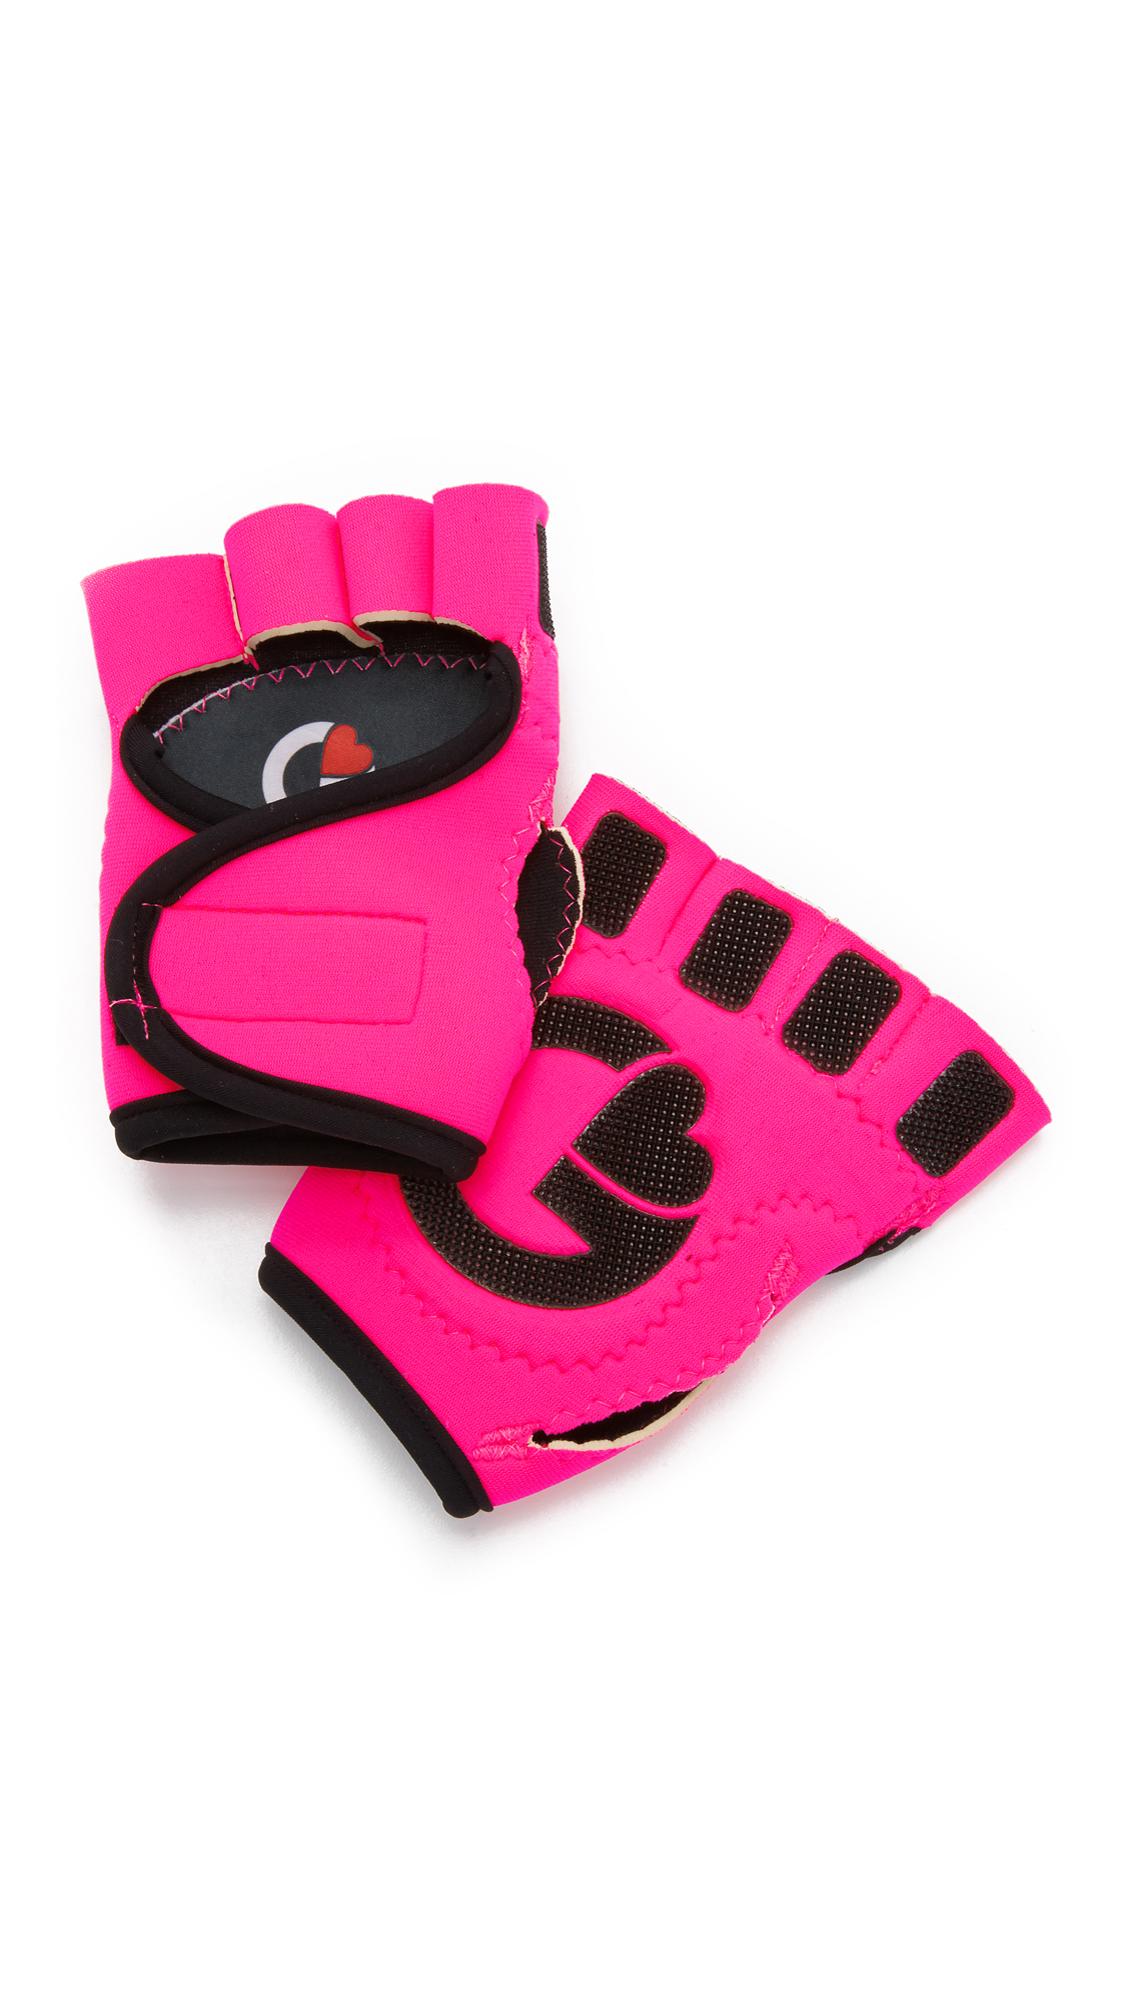 G-Loves Hot Pink With Black Workout Gloves - Hot Pink/Black at Shopbop